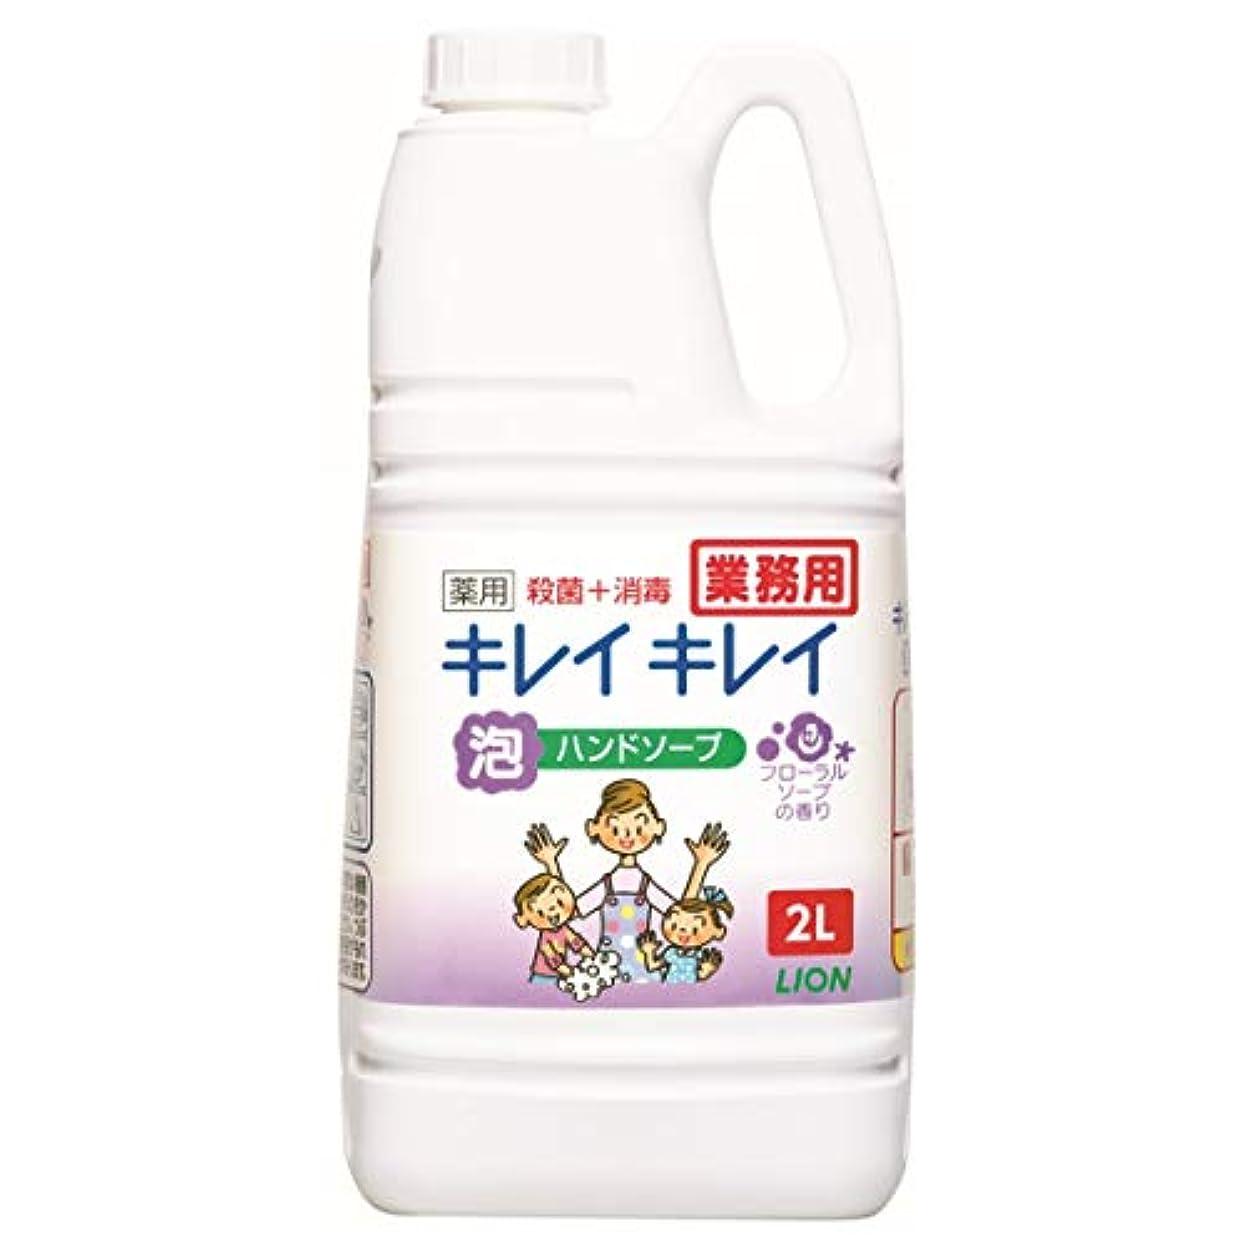 聖書原子炉気怠い【大容量】キレイキレイ 薬用泡ハンドソープ フローラルソープの香り 2L